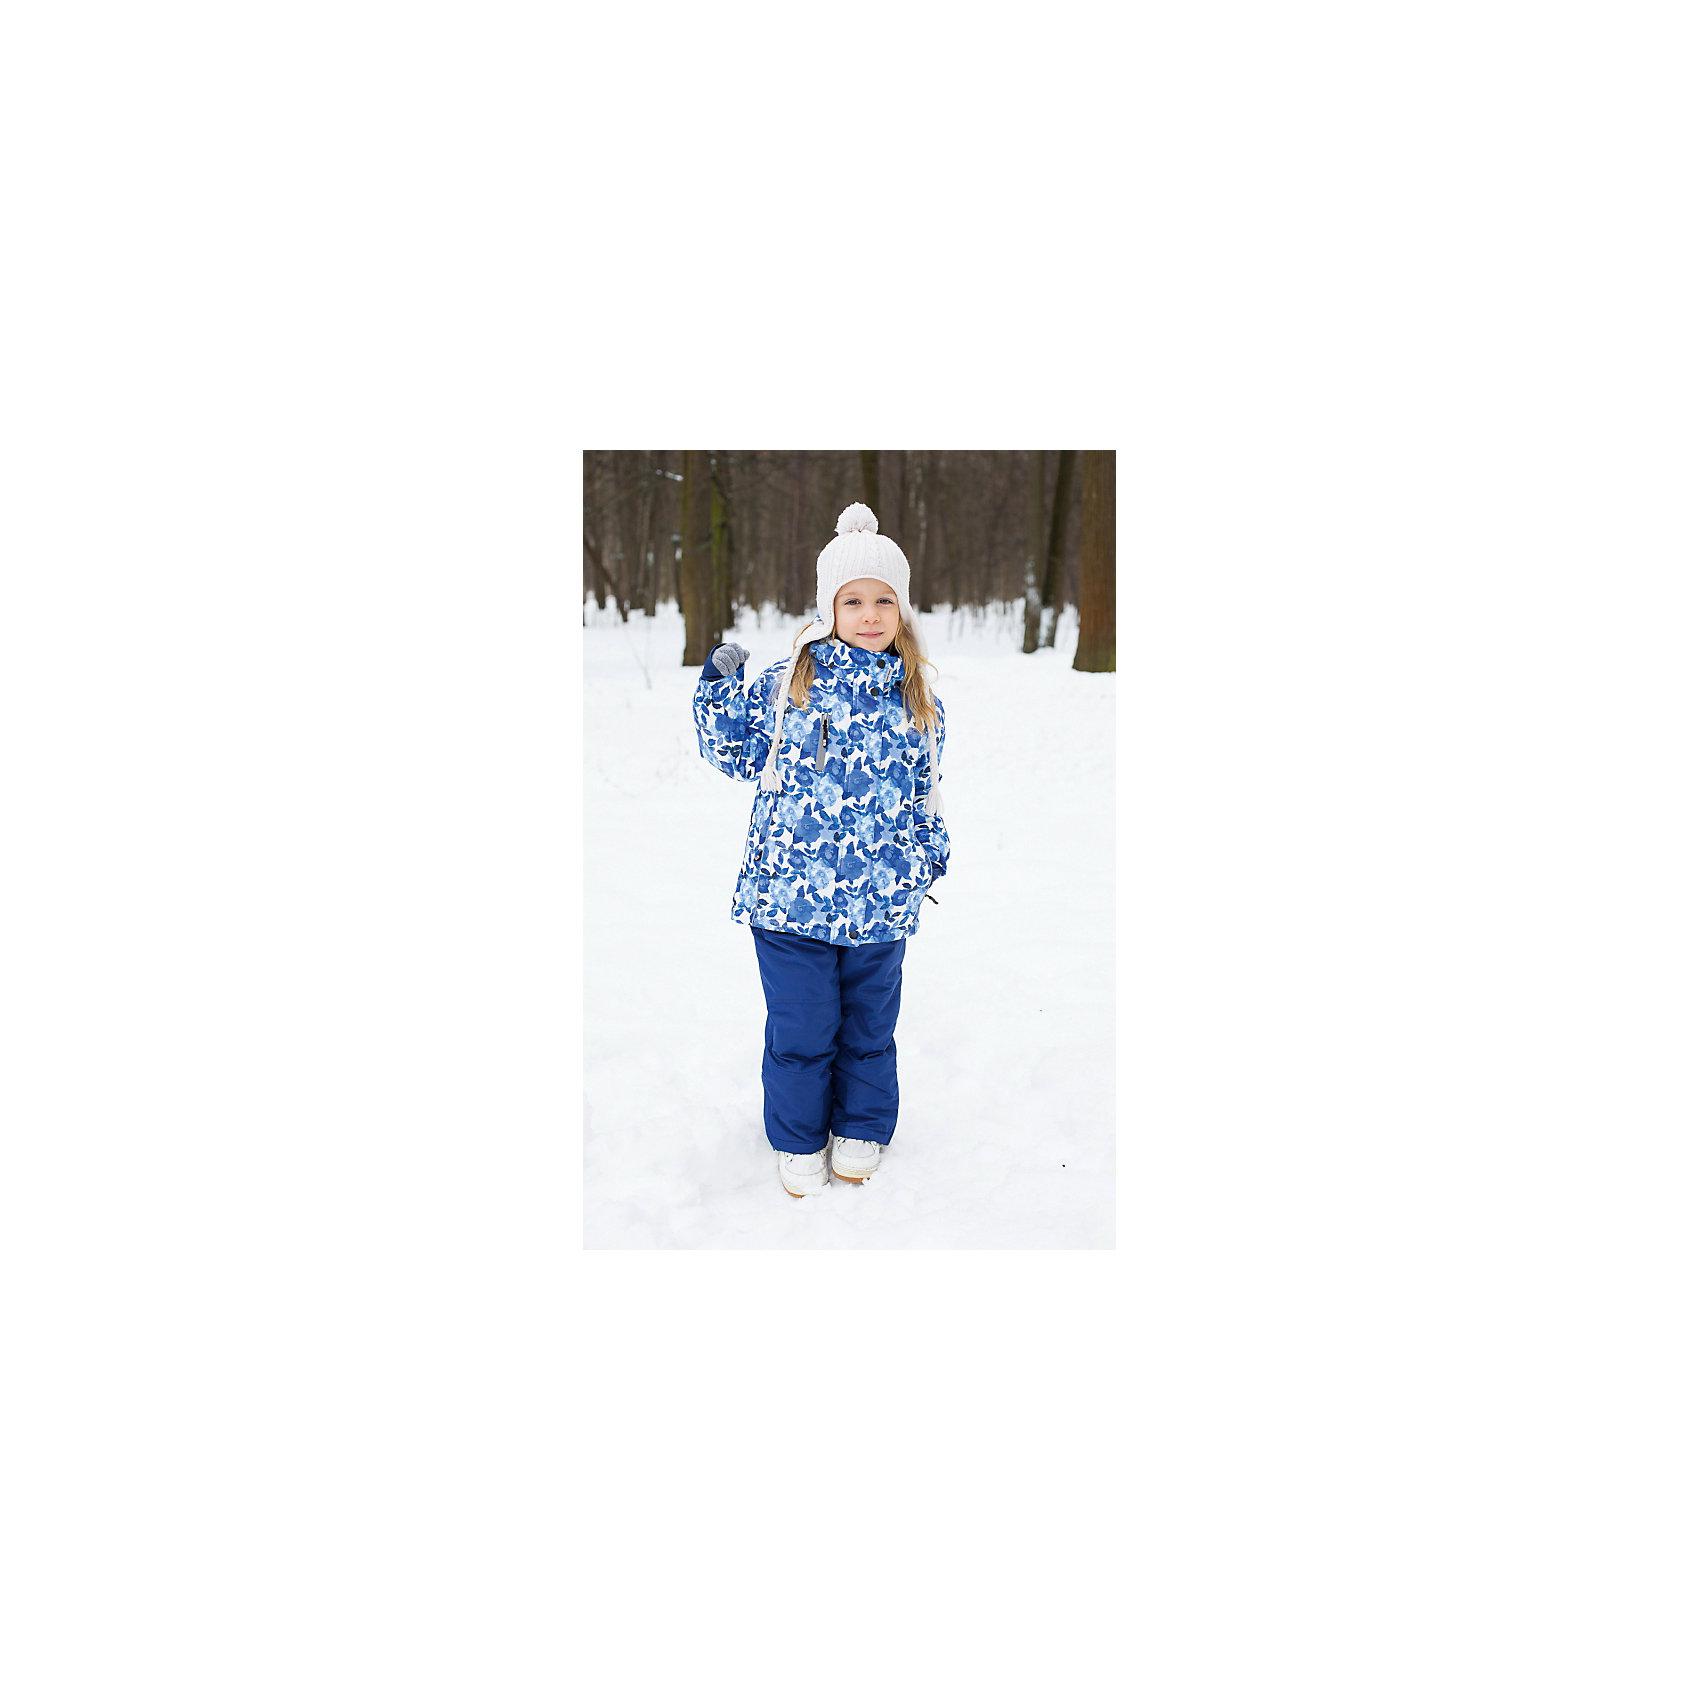 Комплект для девочки: куртка и брюки Sweet BerryКомплекты<br>Комплект для девочки: куртка и брюки от известного бренда Sweet Berry<br>Яркий комплект для девочек из  мембранной, водонепроницаемой (Waterproof - 10000мм), дышащей ( water vapor transmission rate, WVTR -10000гг)  ткани, с грязеотталкивающей пропиткой.   Съемный капюшон на молнии регулируется резинкой со стоппером. Внутренняя часть низа брюк выполнена из усиленной ткани.  Рукава с дополнительной манжетой с вырезом для пальца. Отделка светоотражающим кантом. Две ветрозащитные планки. Внутри подкладка флис,  внутренний карман и снегозащитная юбка. Брюки на регулируемых лямках из эластичной резинки. Внизу штанин имеются внутренние манжеты  на прорезиненной эластичной резинке.  Утеплитель 200гр.-тело, 180гр.-рукава, полукомбинезон.<br>Состав:<br>Верх: куртка: 100%полиэстер, брюки: 100%полиэстер.  Подкладка: 100%полиэстер. Наполнитель: 100%полиэстер<br><br>Ширина мм: 215<br>Глубина мм: 88<br>Высота мм: 191<br>Вес г: 336<br>Цвет: синий<br>Возраст от месяцев: 36<br>Возраст до месяцев: 48<br>Пол: Женский<br>Возраст: Детский<br>Размер: 104,110,116,122,128,134,92,98<br>SKU: 4960094